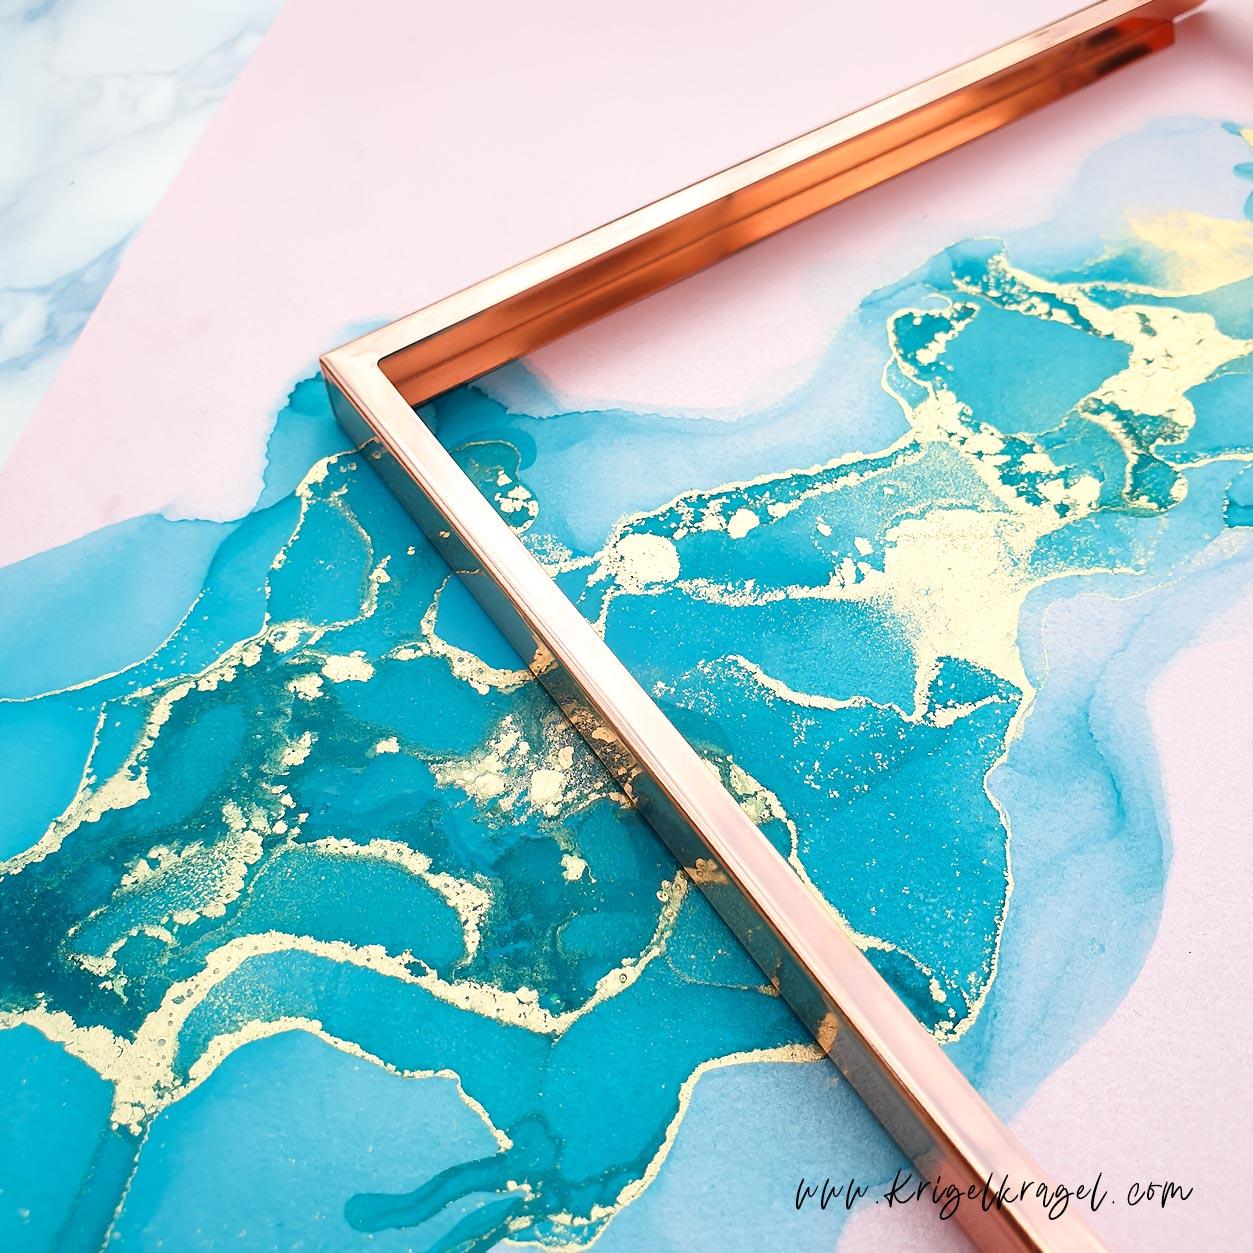 Deckende Alkoholtinte kann nicht nur auf dunklen Untergründen malen, sondern auch Pastelltöne kreieren. Pastellfarbige Alkoholtinte ist einmalig schön. Hier habe ich dir alle Farben von Octopus Fluids geswatcht! Für deine Hochzeitsdeko, Einladungskarten und Geschenke eine tolle Idee zum selber machen und malen! #alkoholtinte #alcoholink #malenlernen #malidee